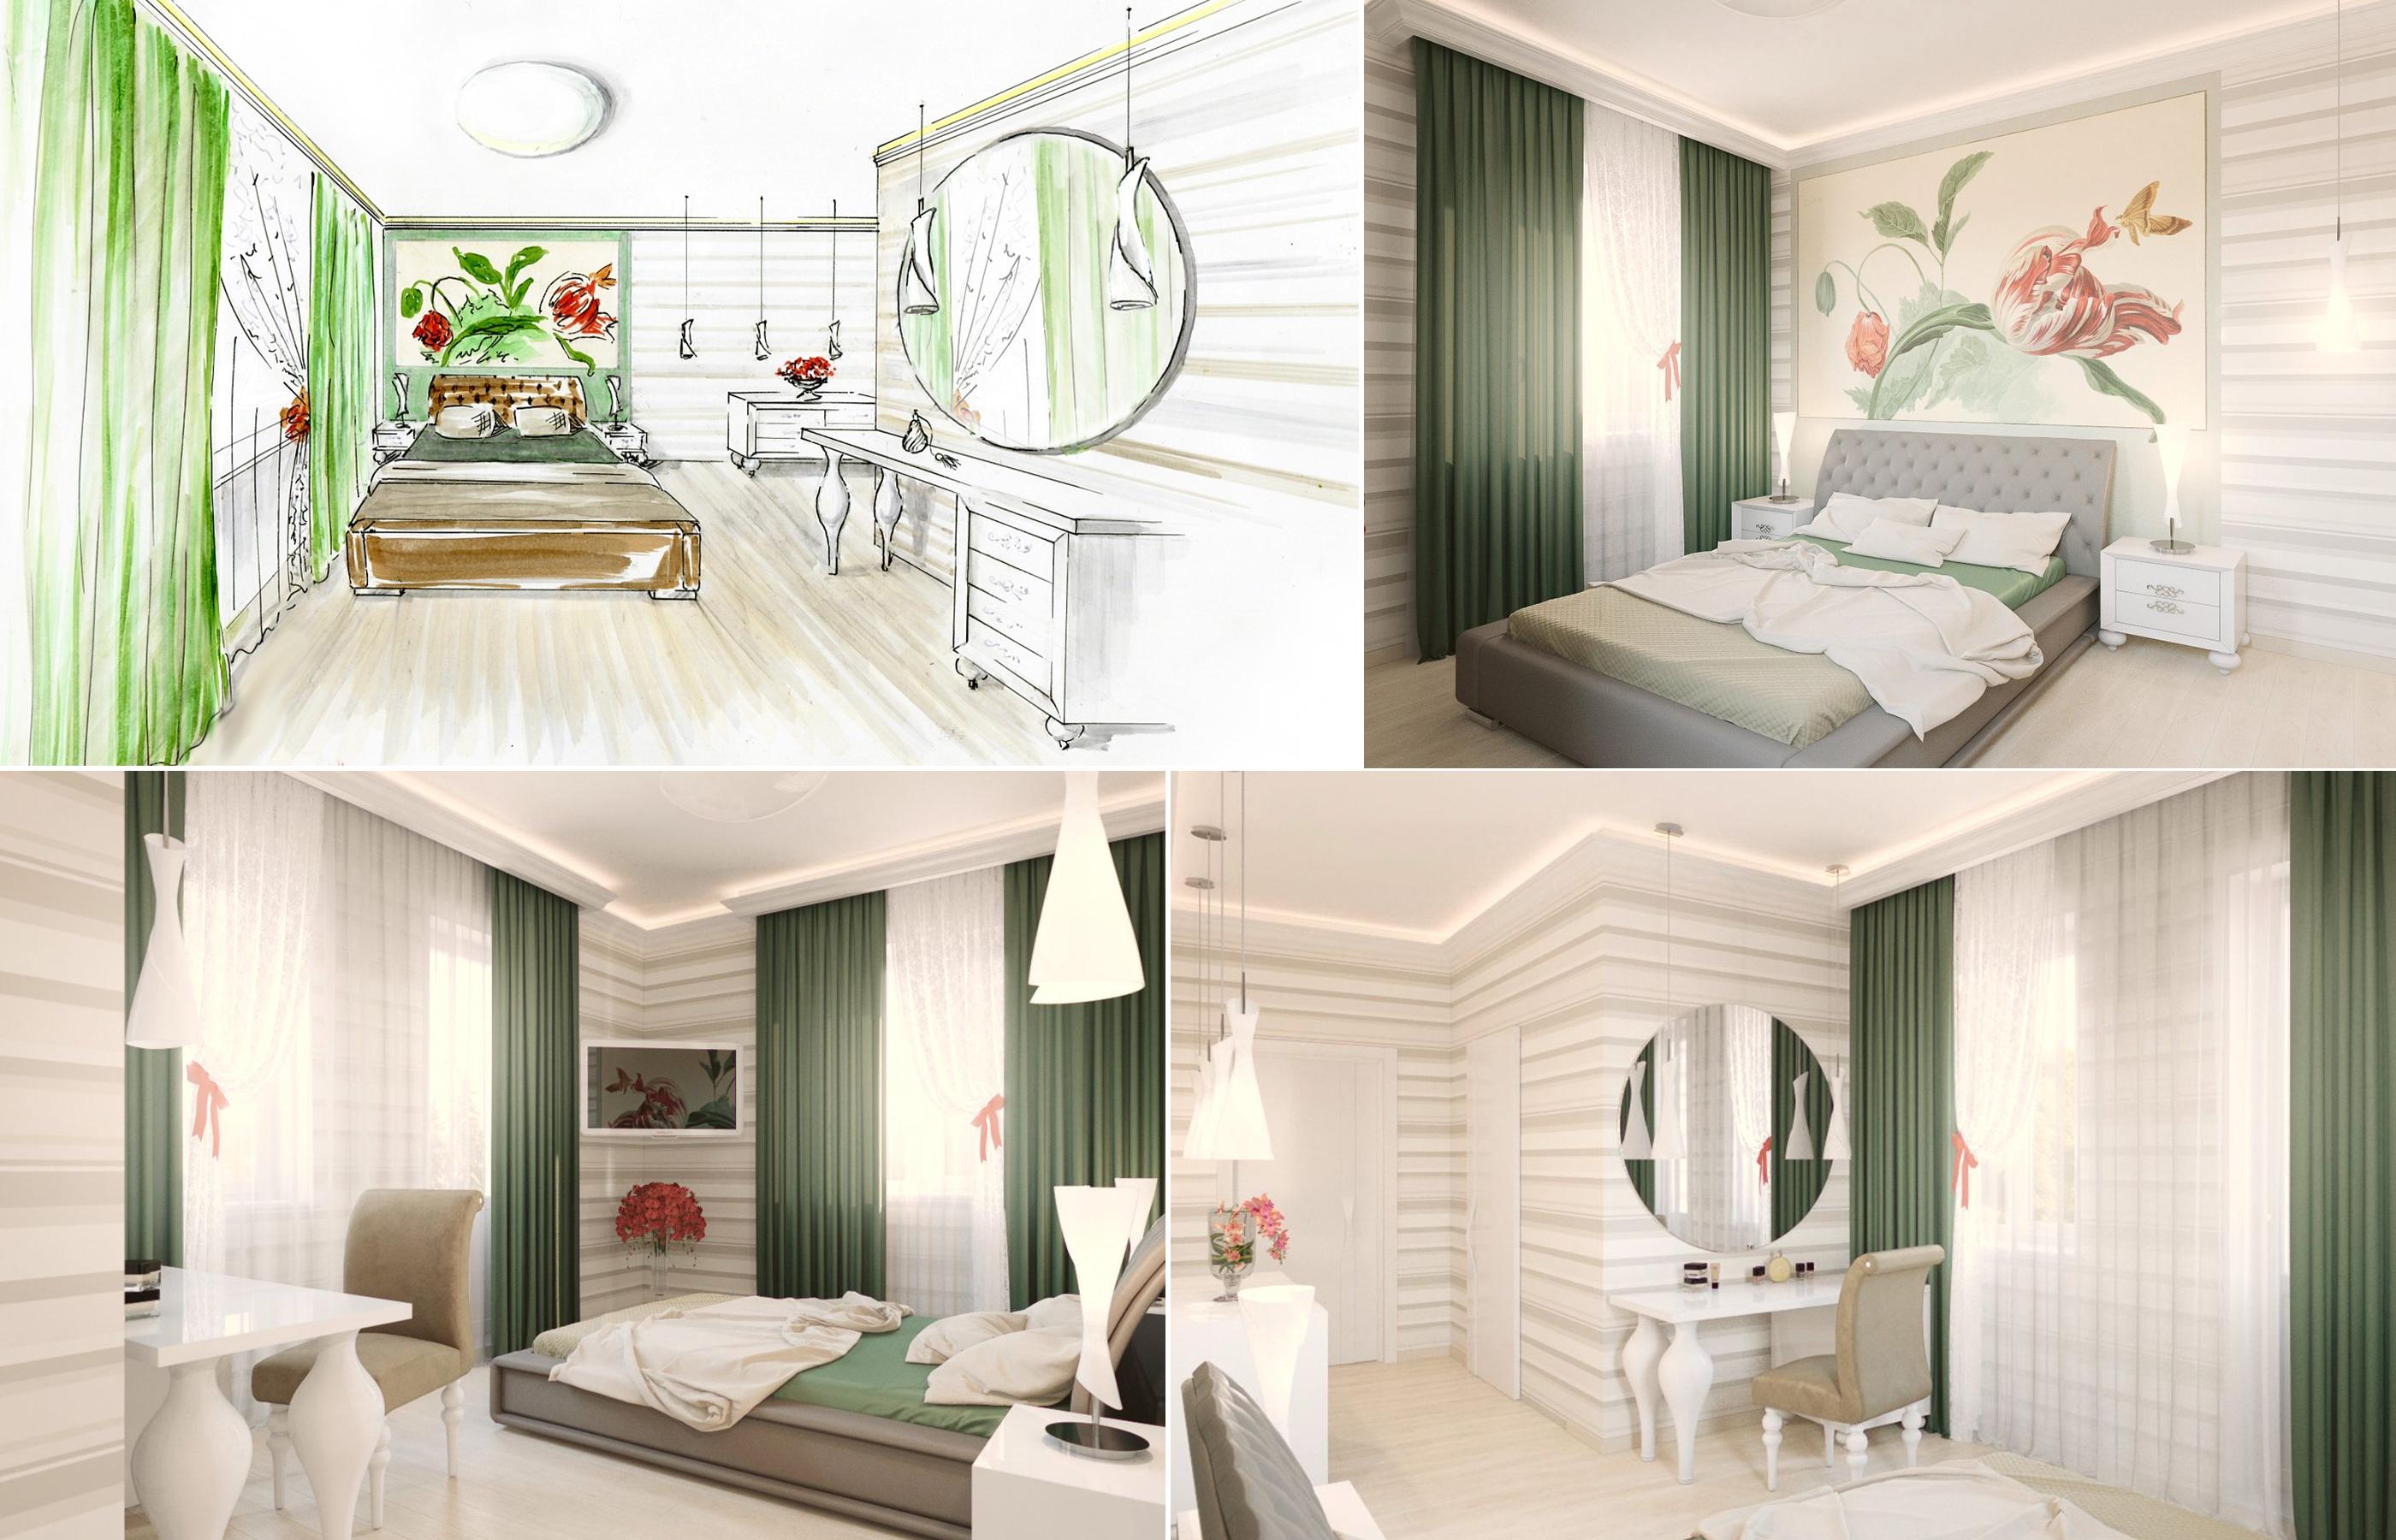 Эскиз спальни и 3Д визуализация интерьера спальни